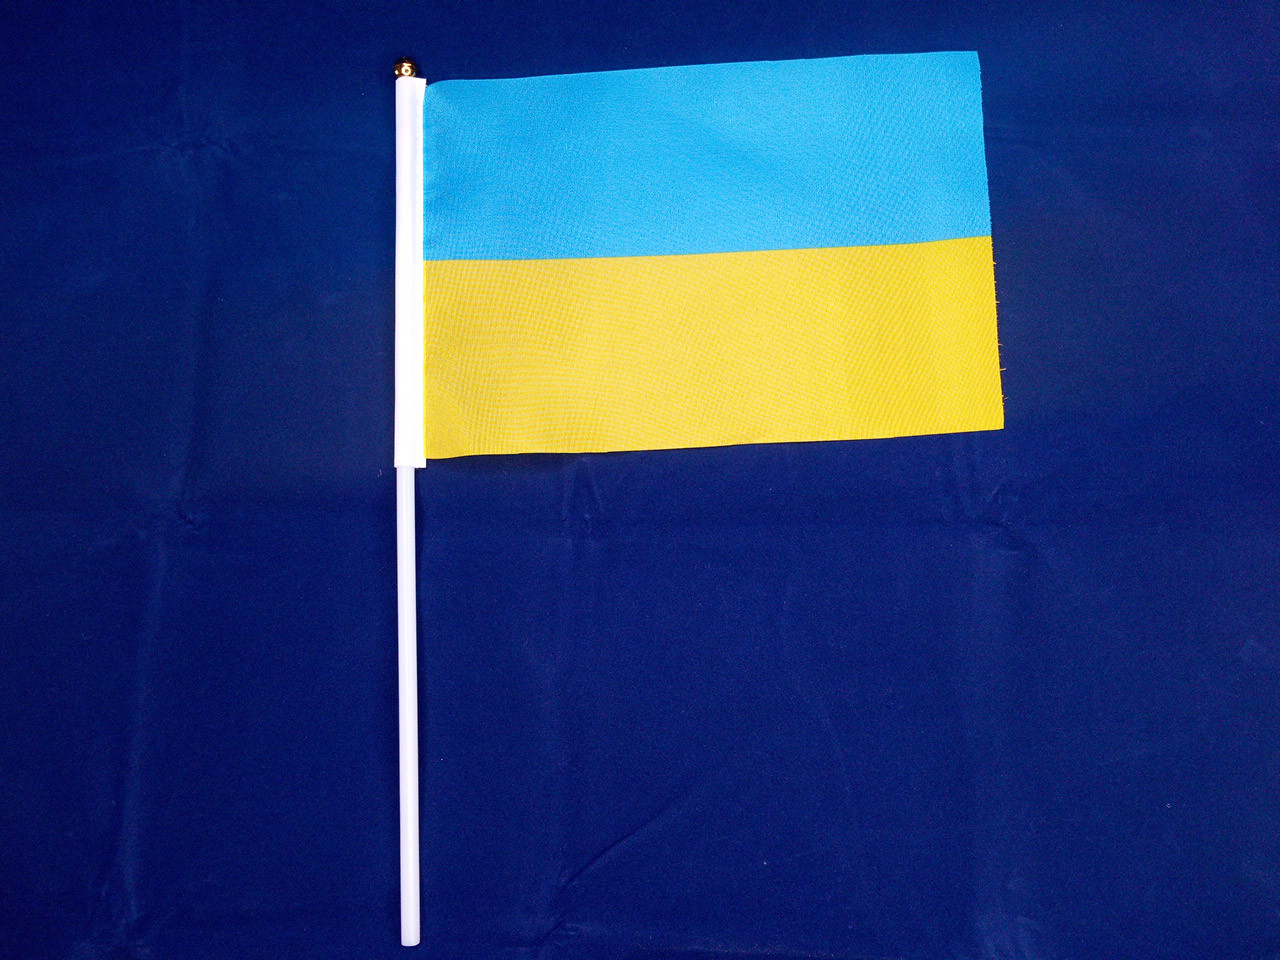 Флажок Украины 14х21см на пластиковом флагштоке